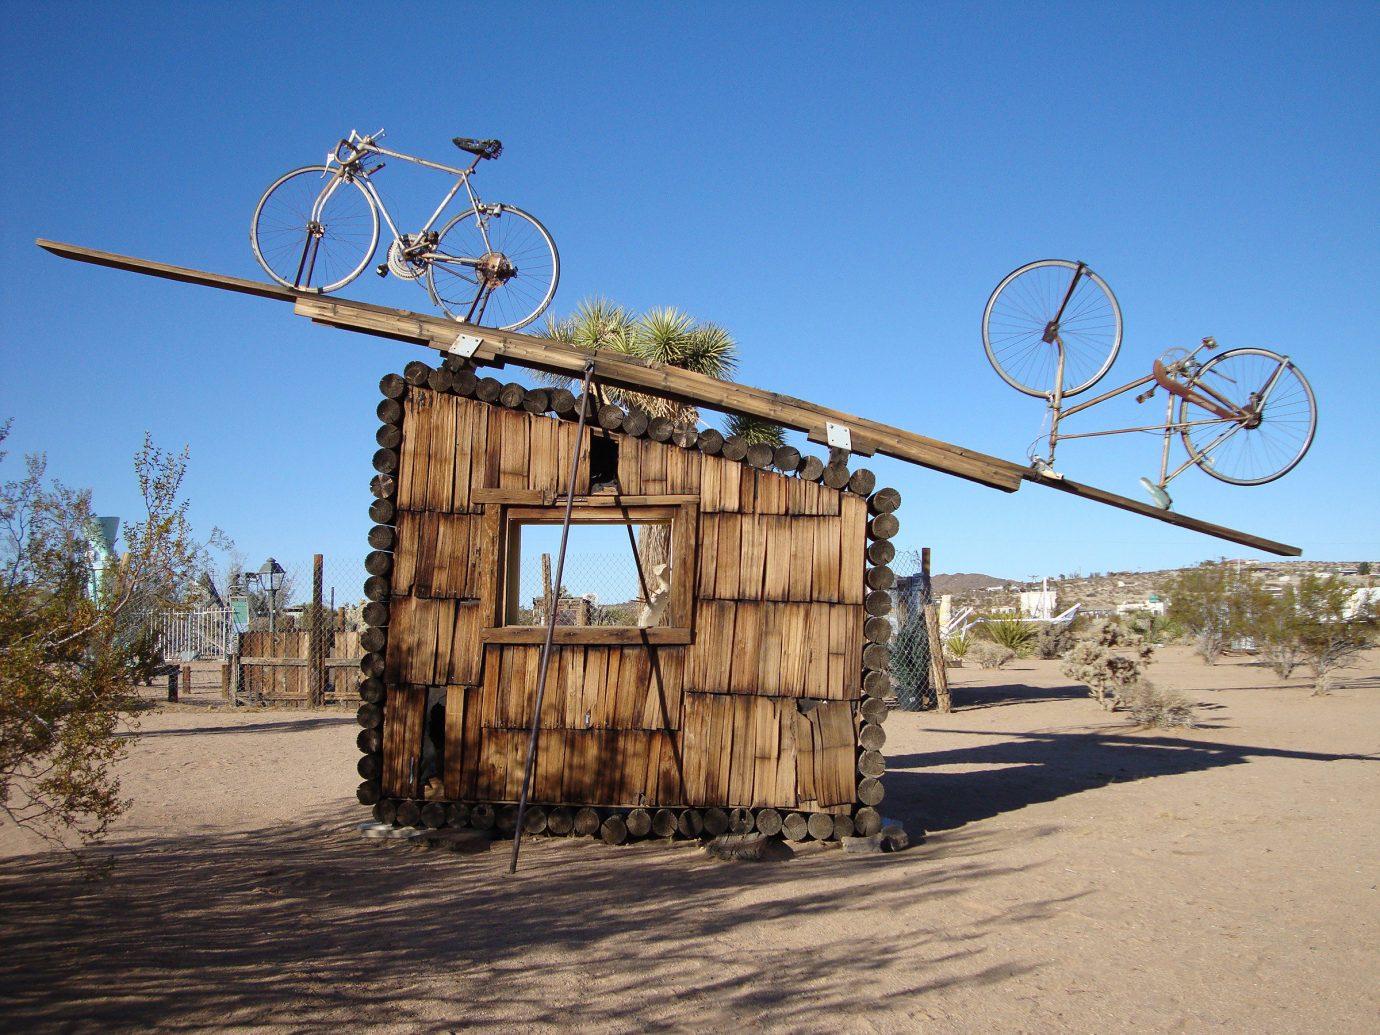 Art instillations in the Mojave Desert